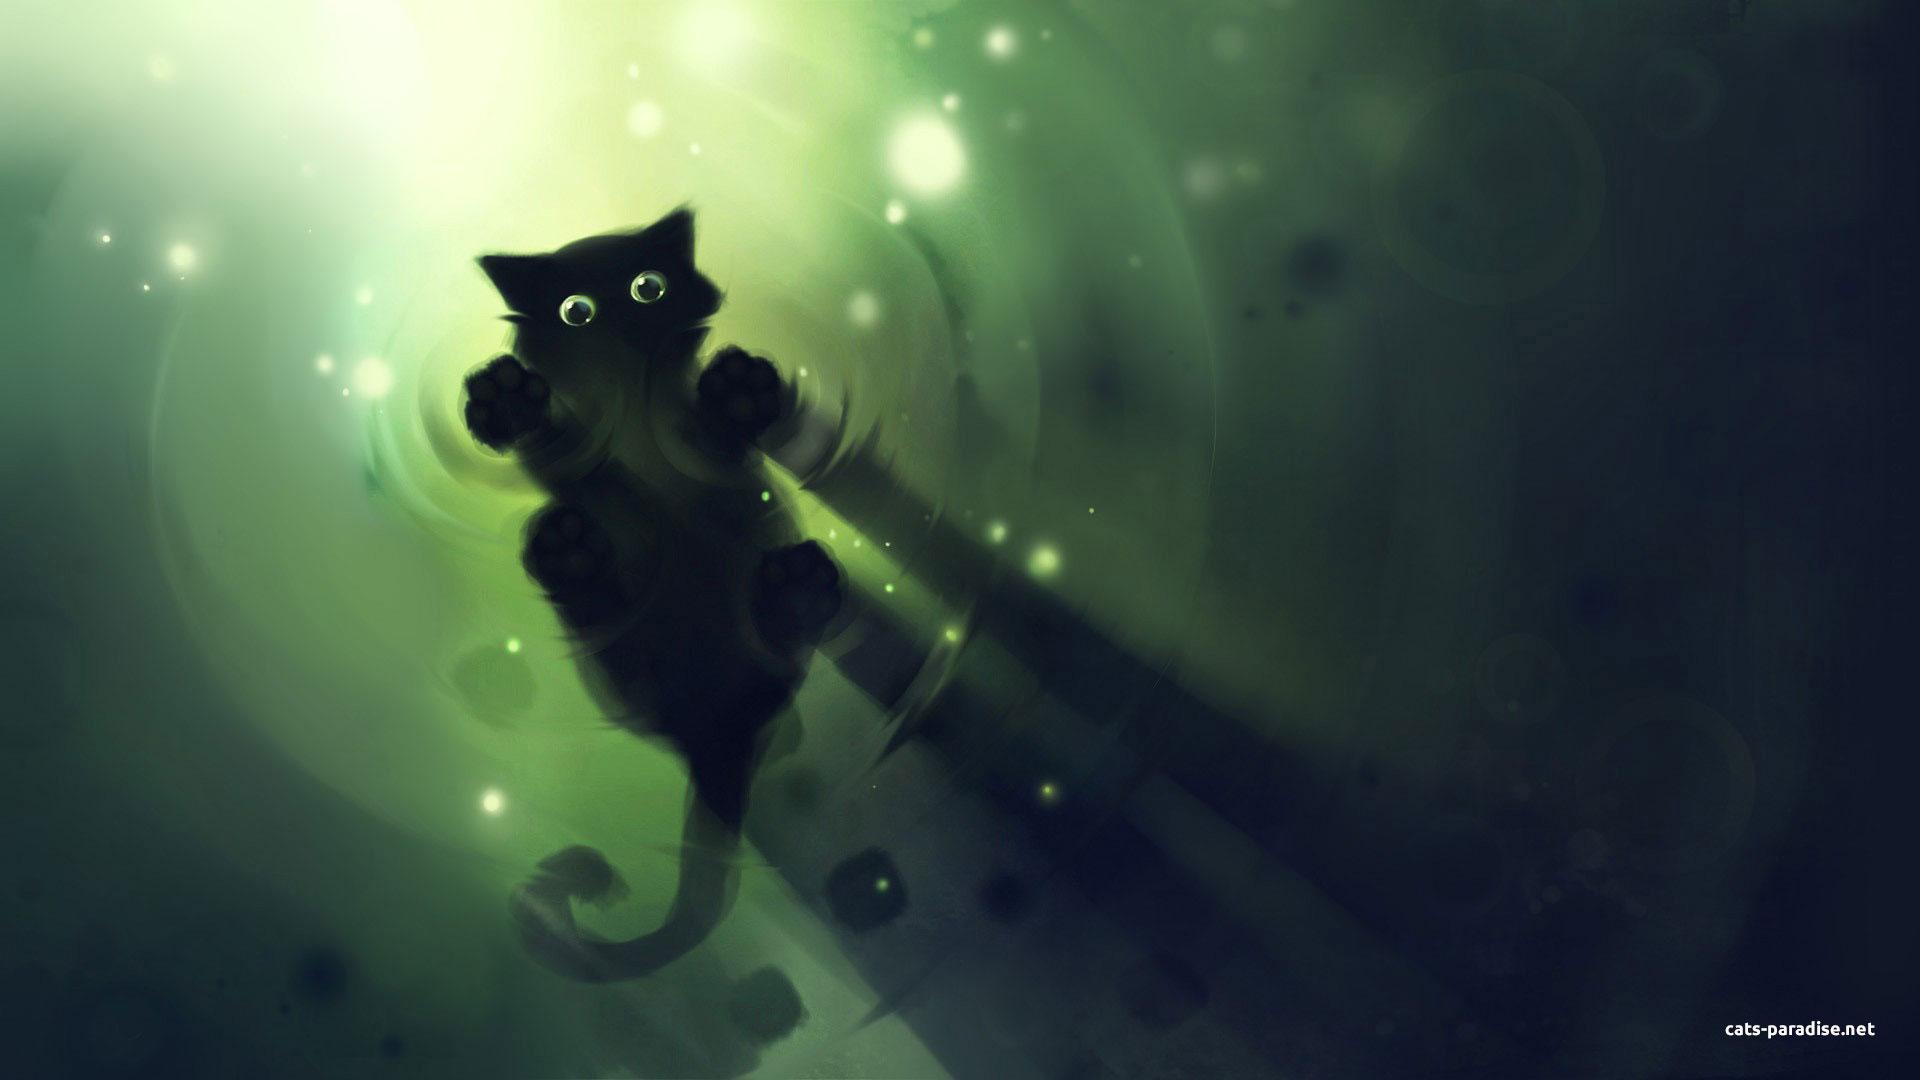 43+ Cute Black Cat Wallpaper on WallpaperSafari